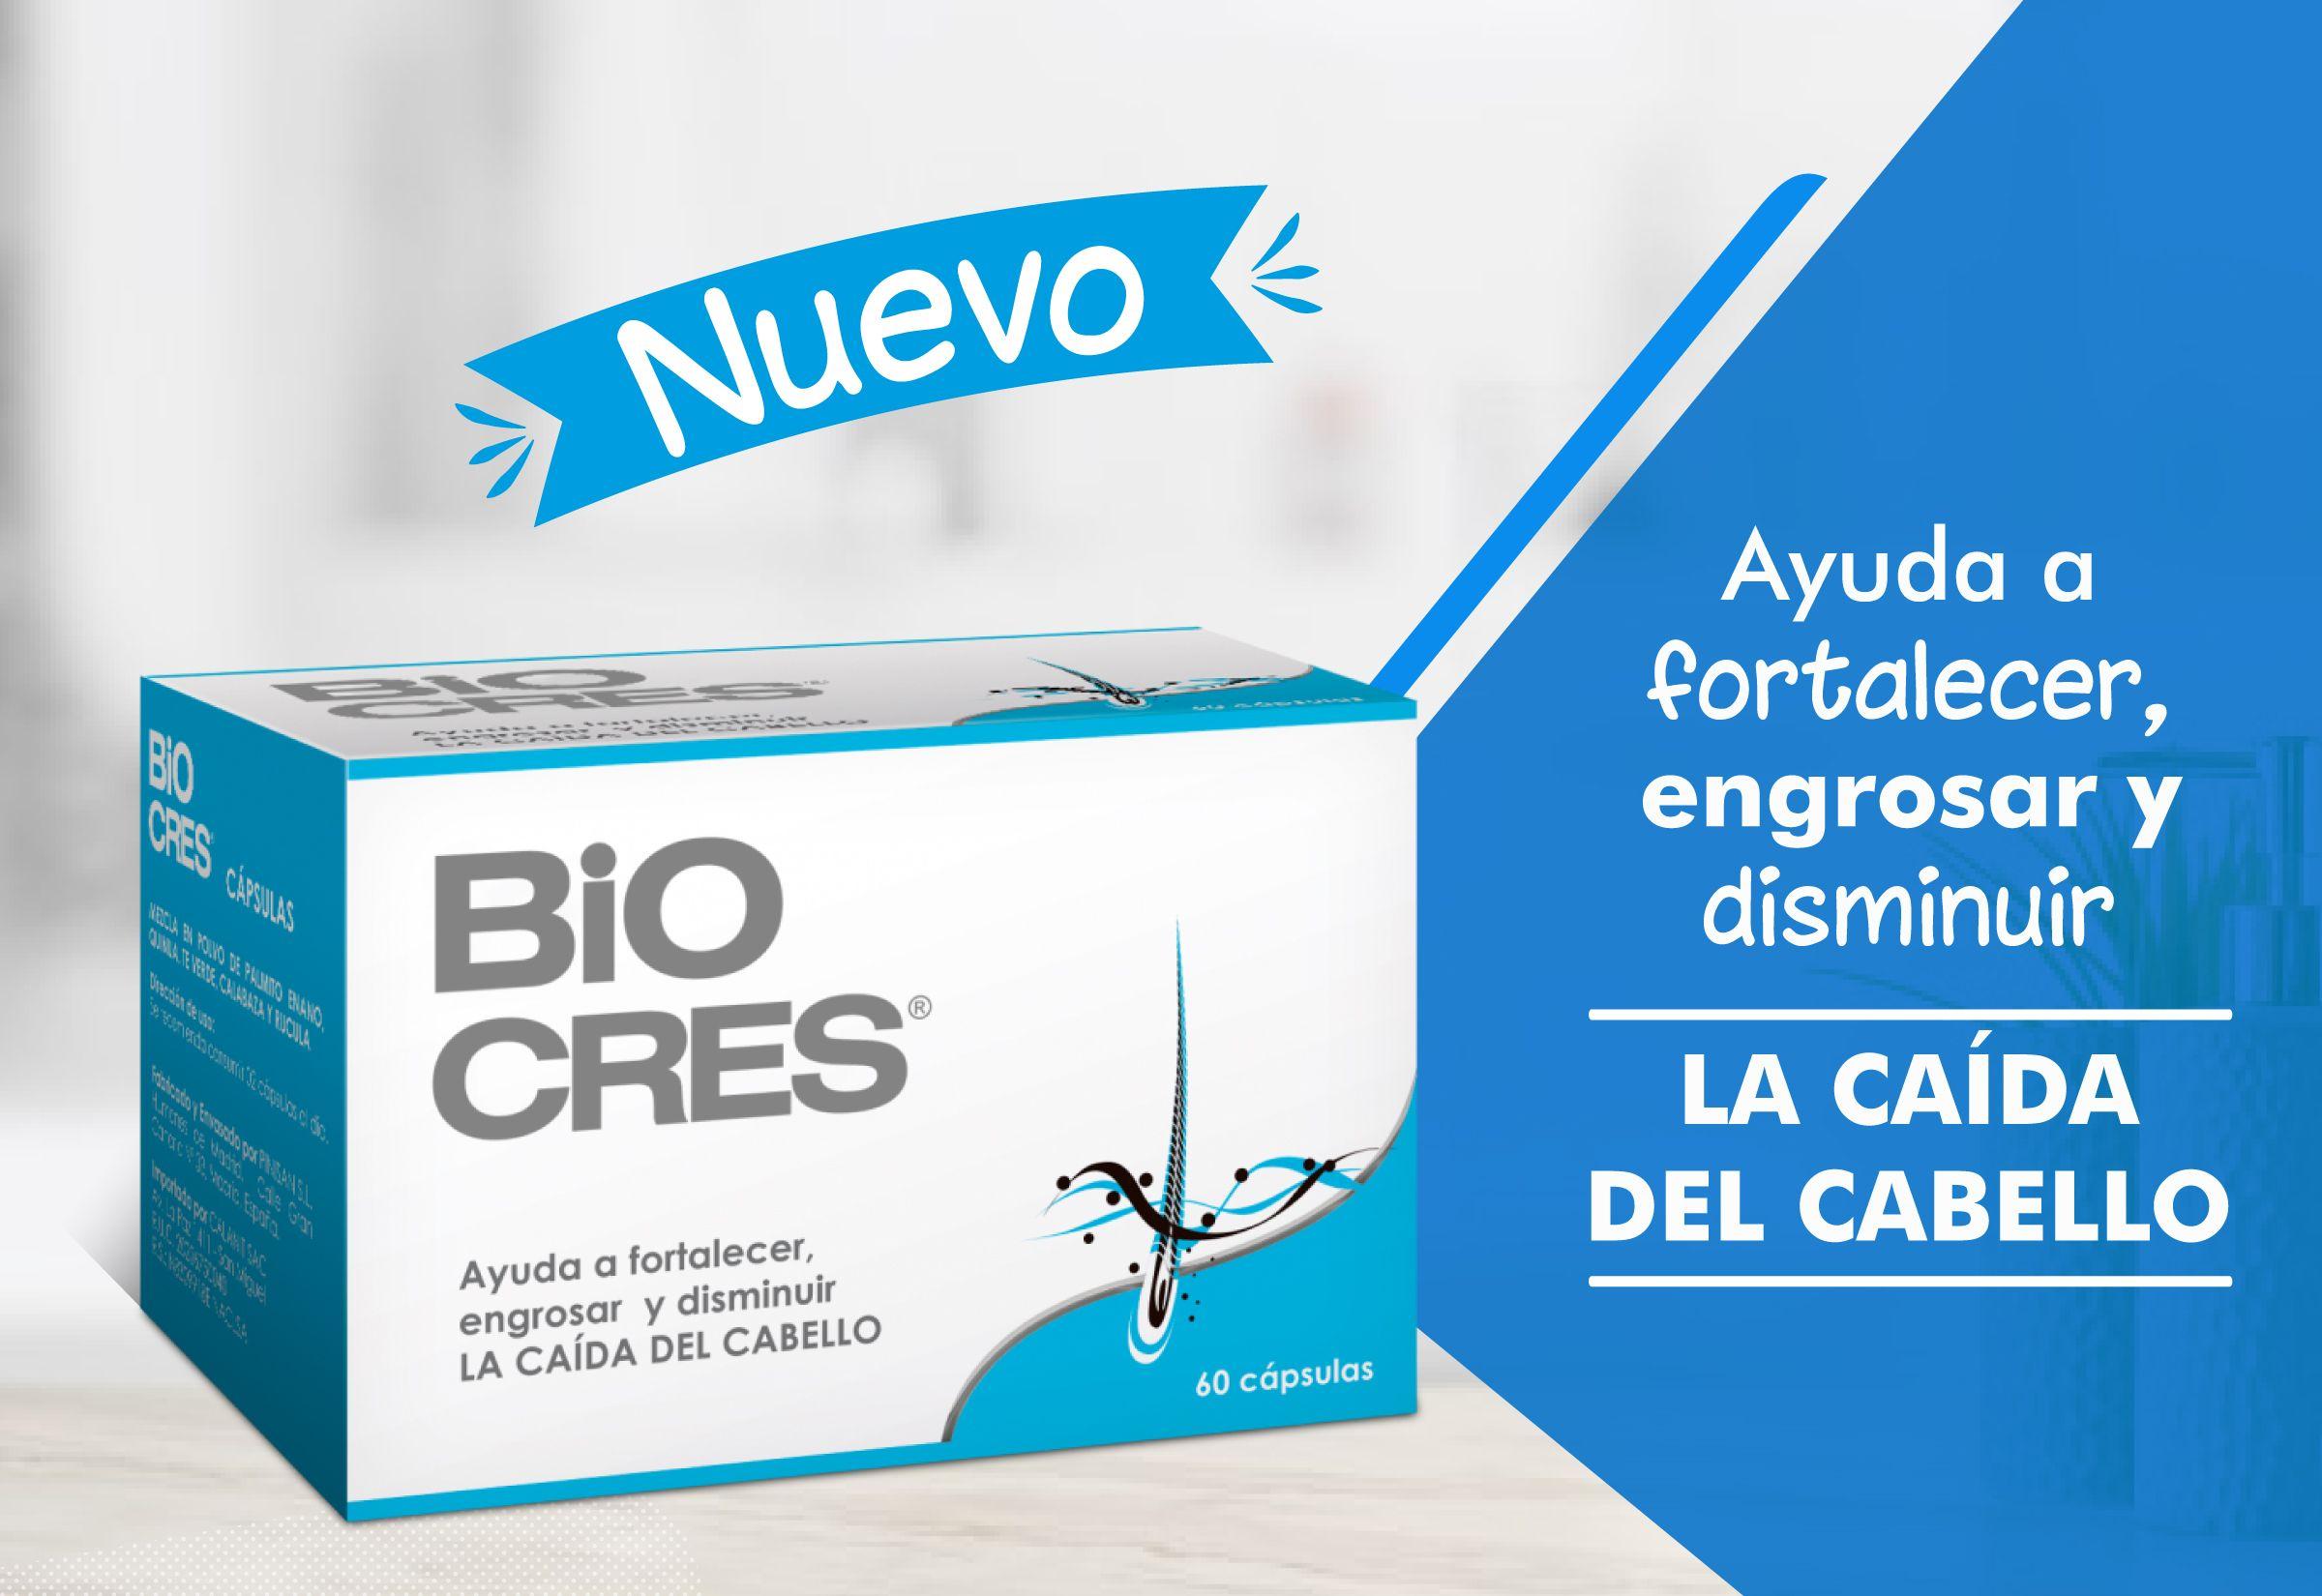 Nuevo Lanzamiento: Conoce los ingredientes naturales  de Biocres Cápsulas